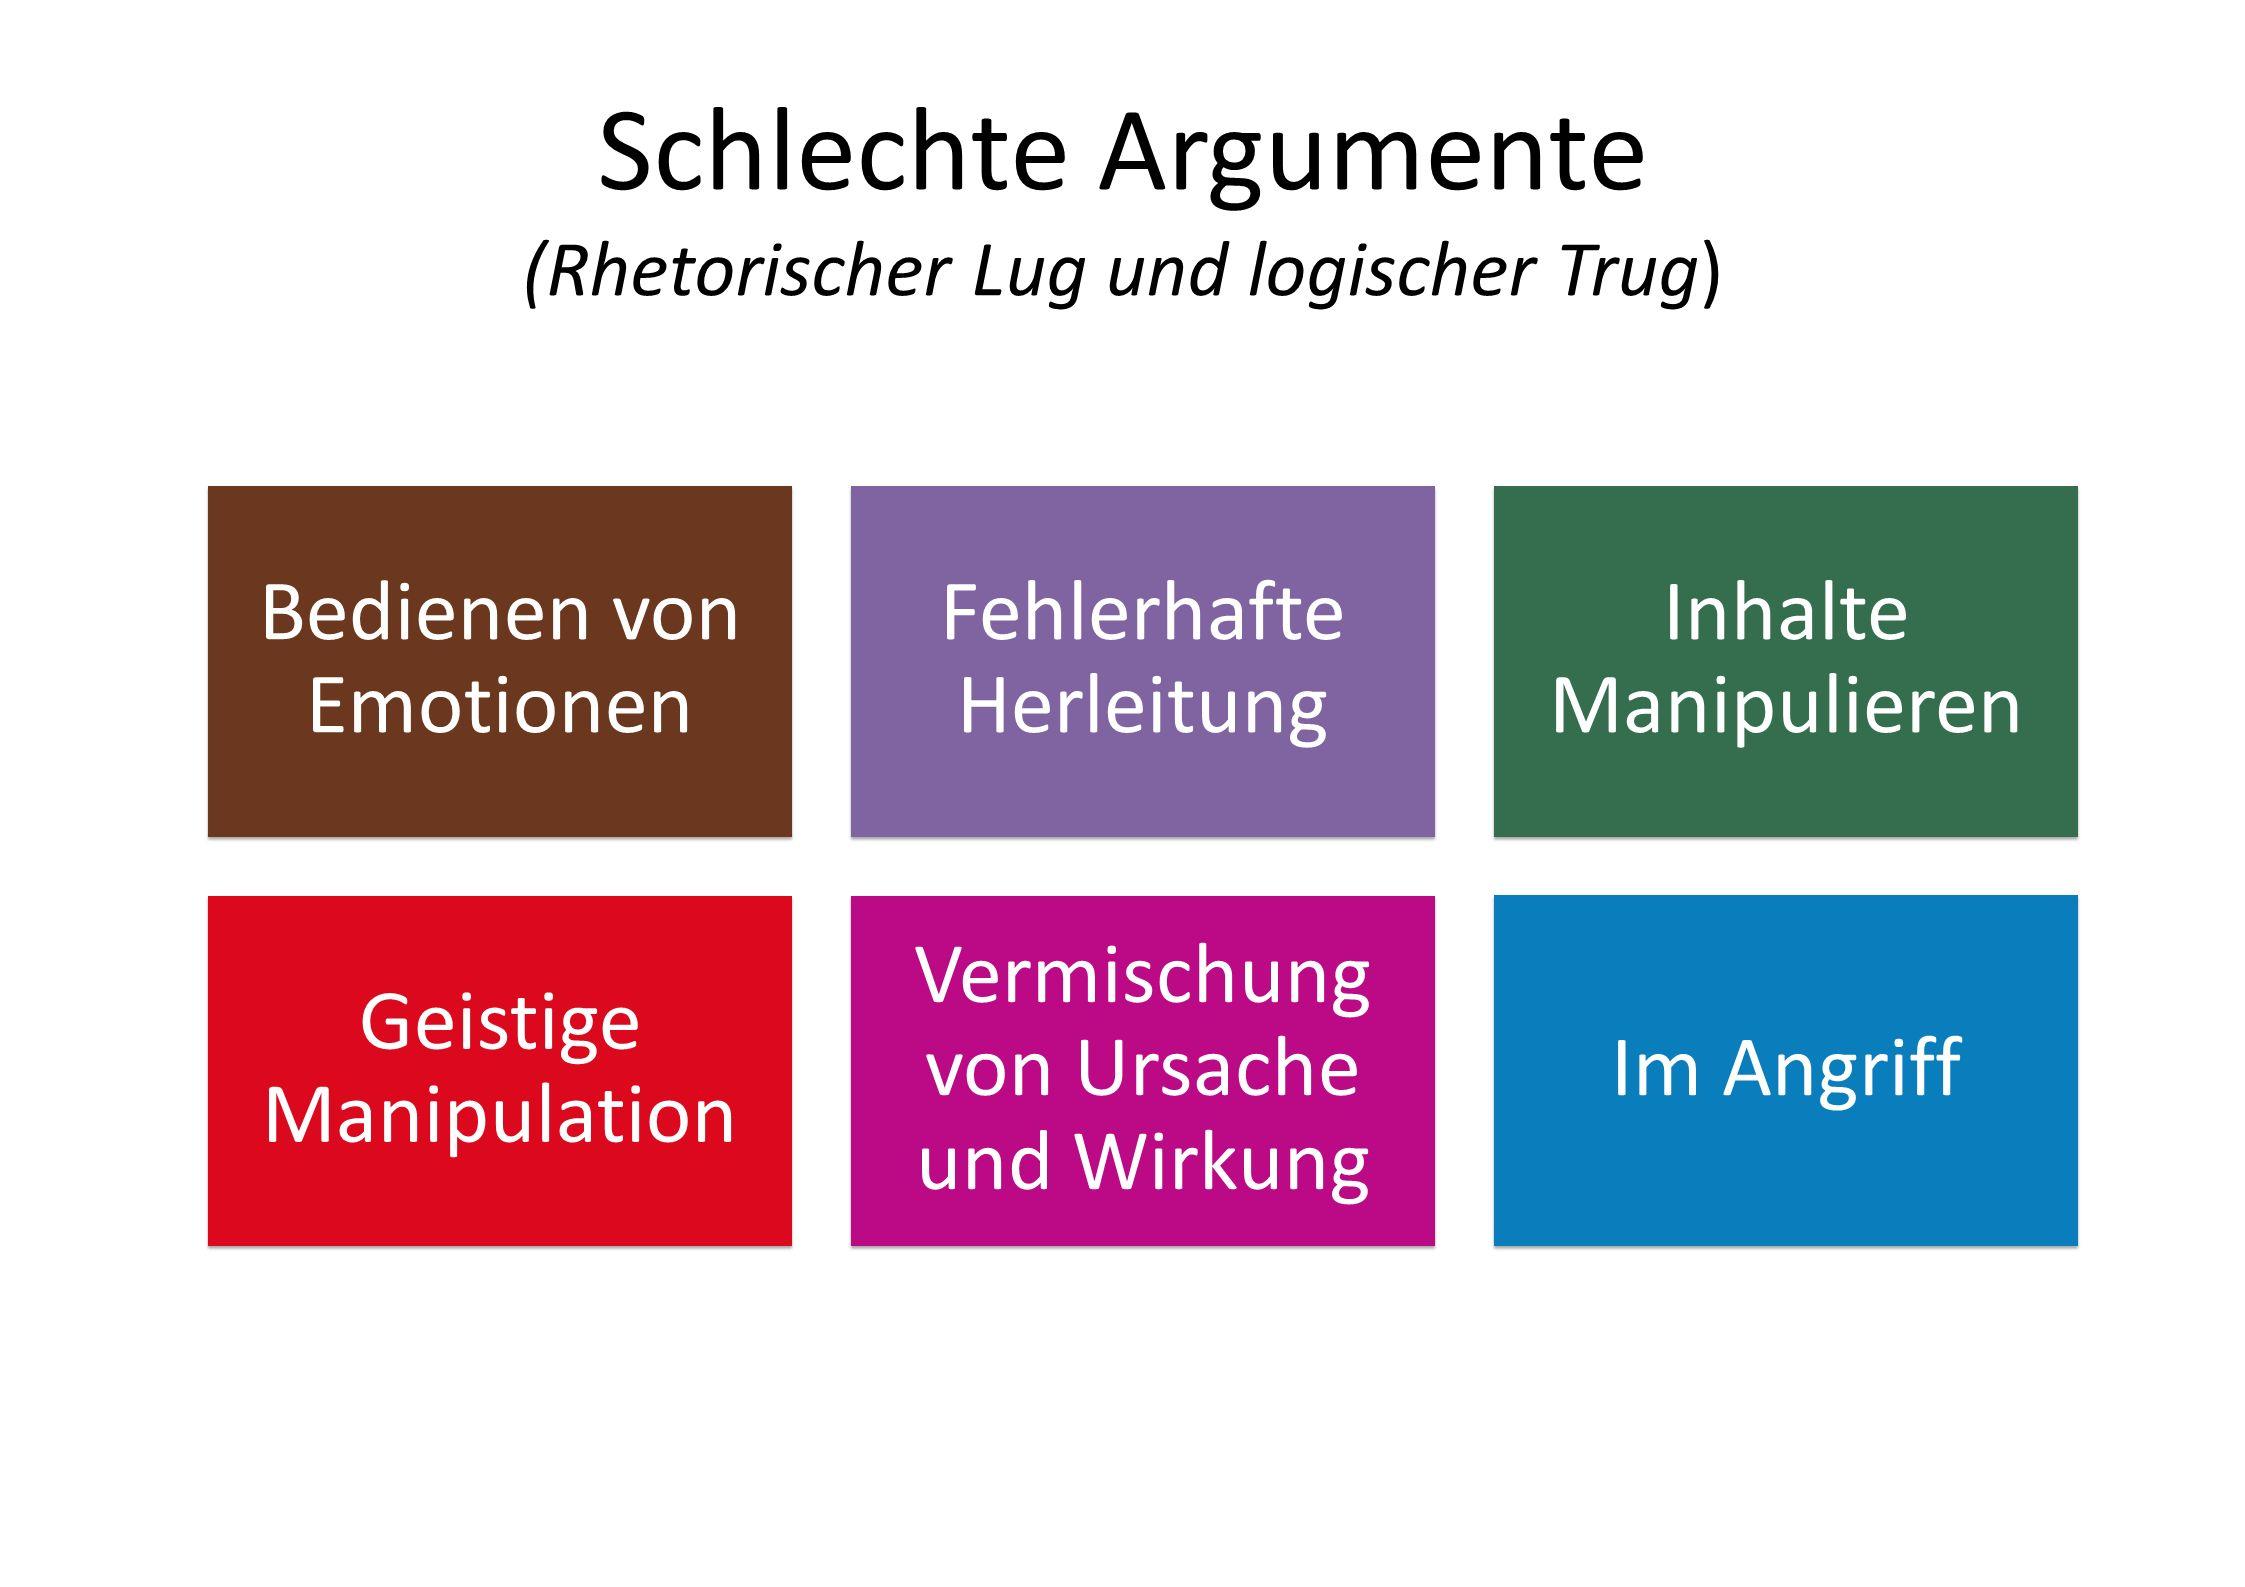 Schlechte Argumente (Rhetorischer Lug und logischer Trug)